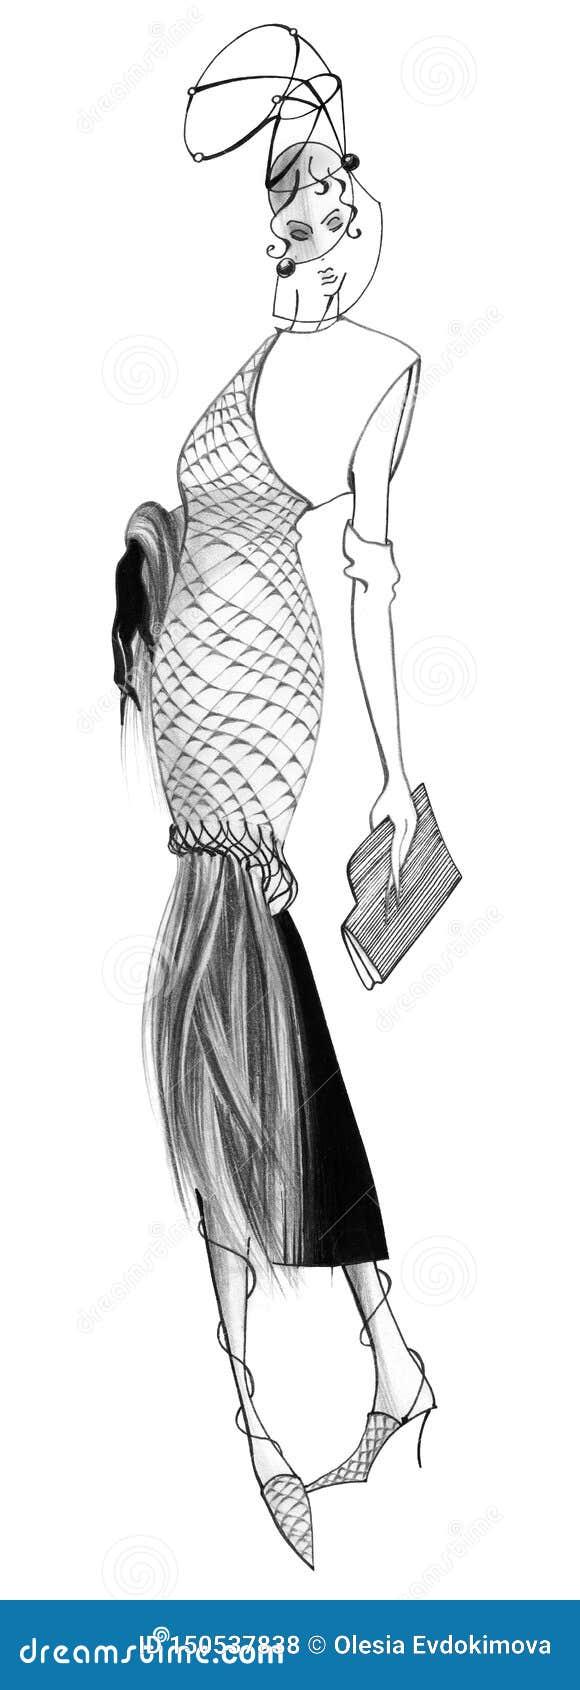 Una donna in un vestito fatto dei rettili con pelliccia lunga